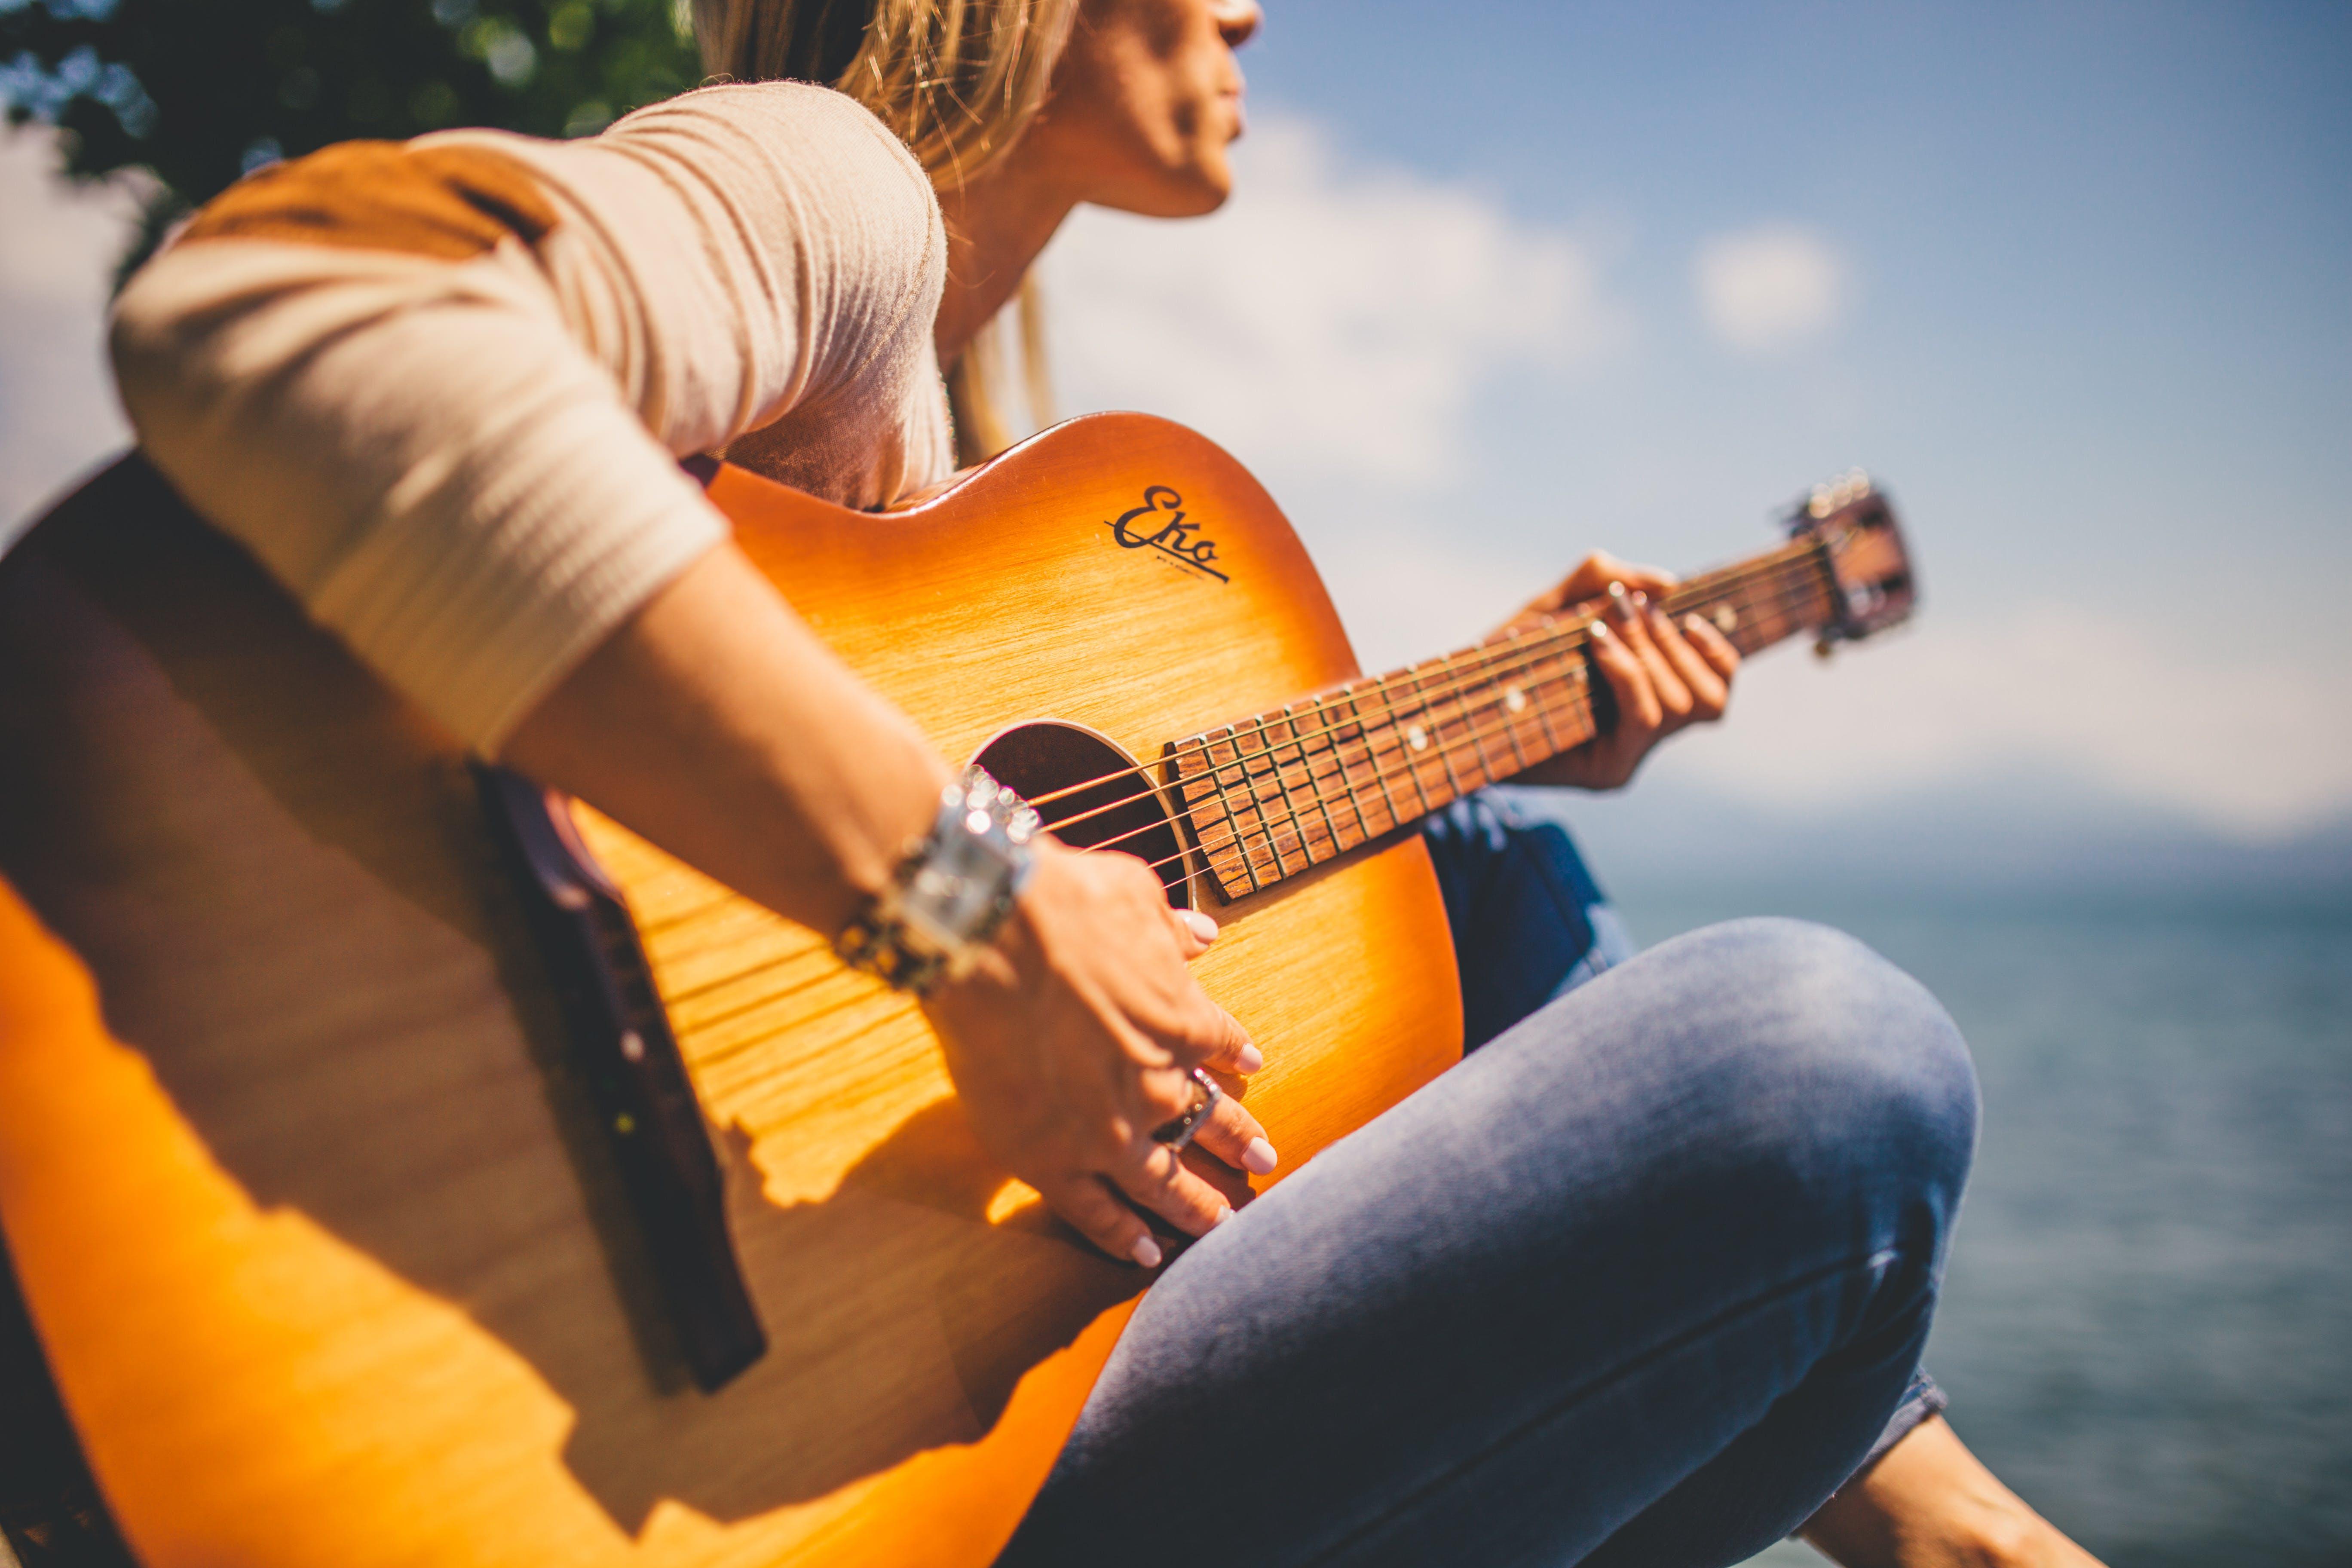 Gratis arkivbilde med gitar, kvinne, musiker, musikk